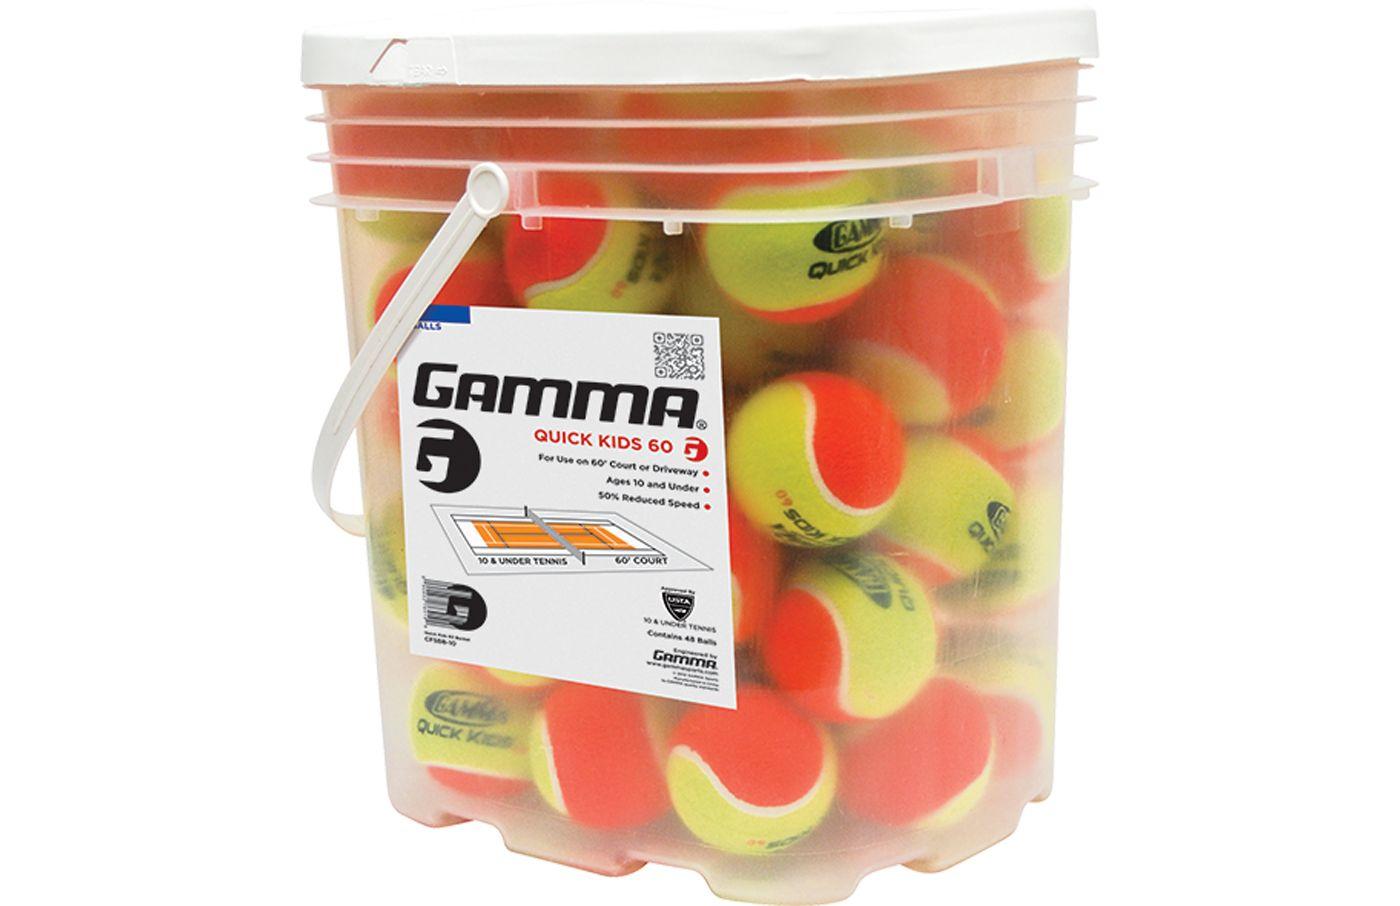 GAMMA Quick Kids 60' Tennis Balls – 48 Ball Pack